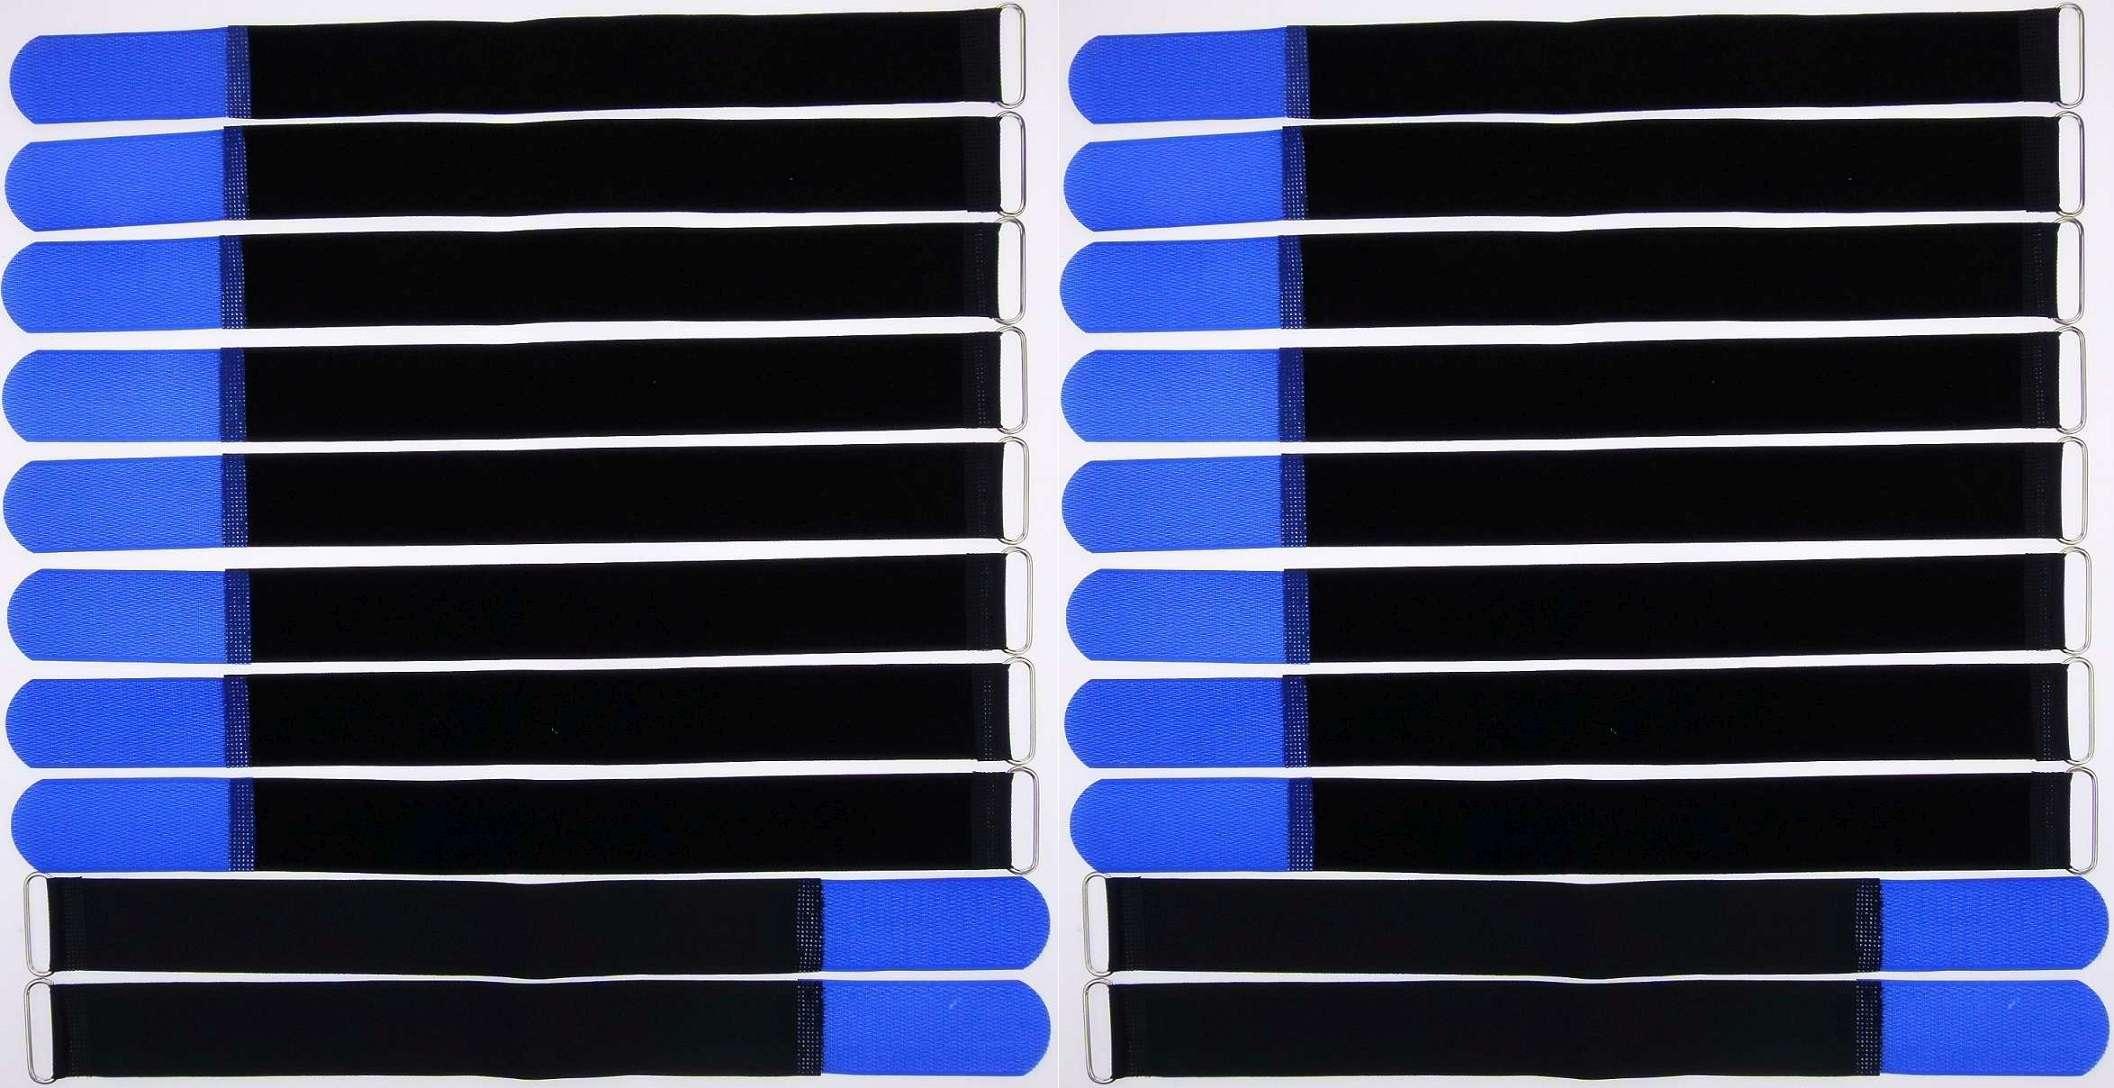 10 x Klettband Kabelbinder 50 cm x 50 mm blau Klettbänder Kabelklett Metallöse